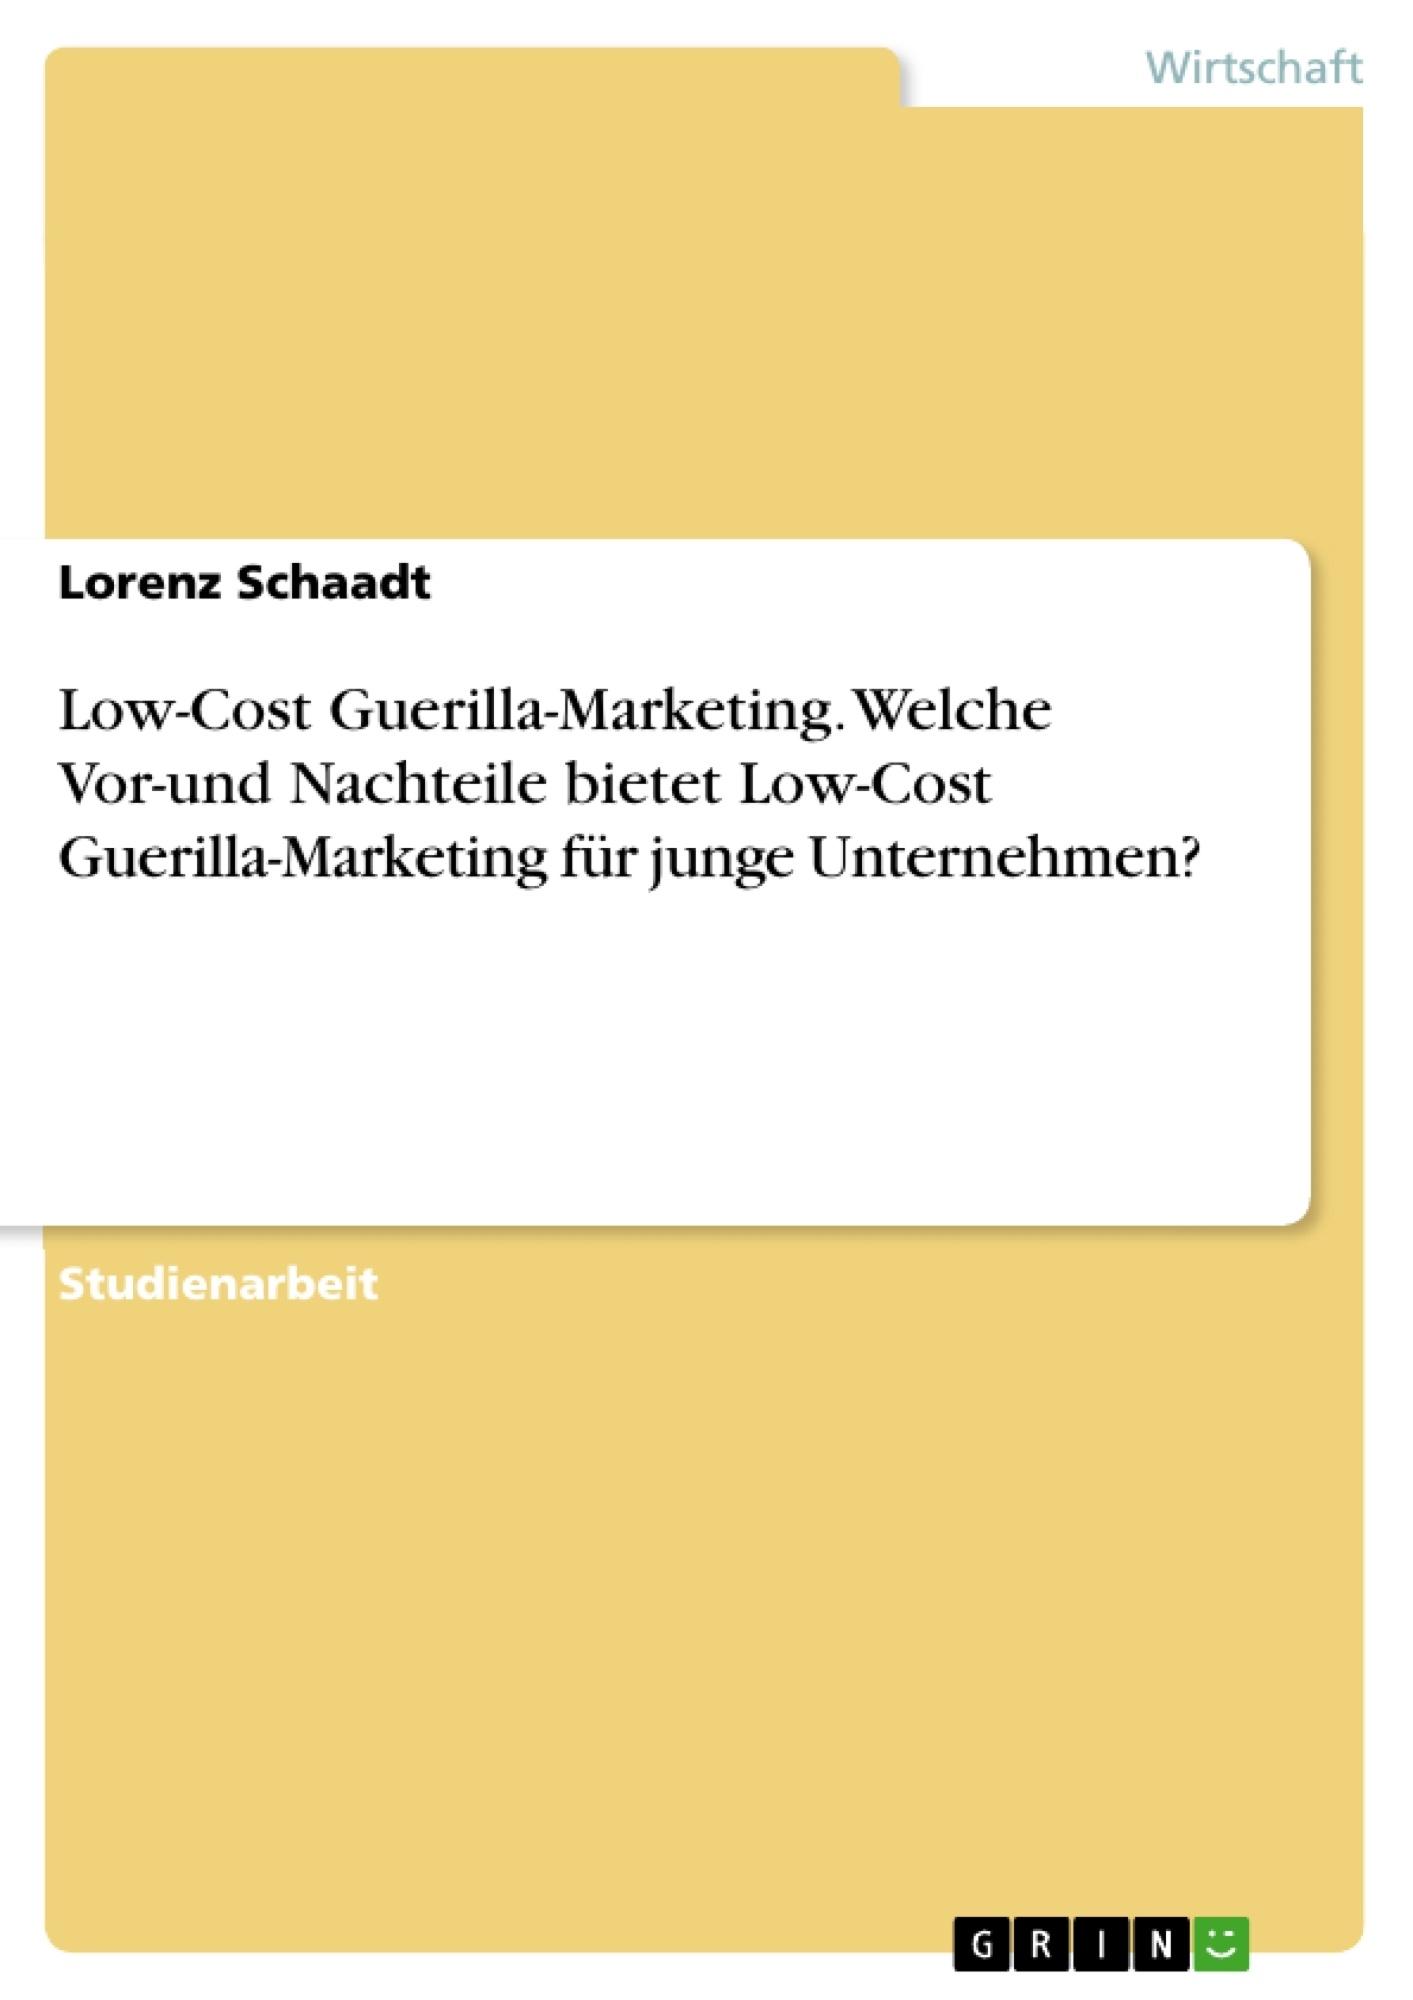 Titel: Low-Cost Guerilla-Marketing. Welche Vor-und Nachteile bietet Low-Cost Guerilla-Marketing für junge Unternehmen?